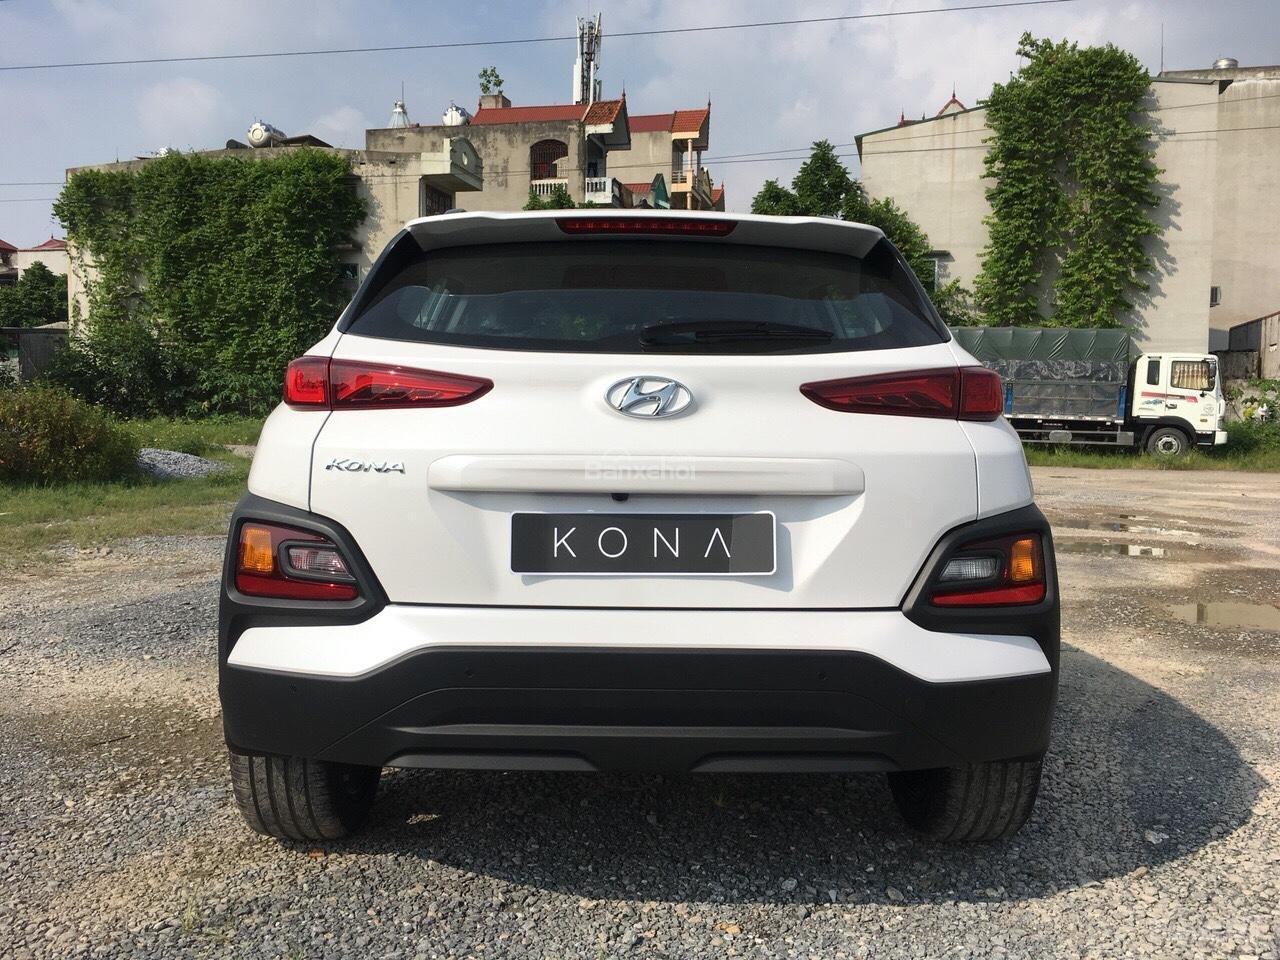 Hyundai Kona 2018 nhập nguyên chiếc, giao ngay, KM cực cao, trả góp 90%, giao ngay, lh ngay: 0981476777 để ép giá-3